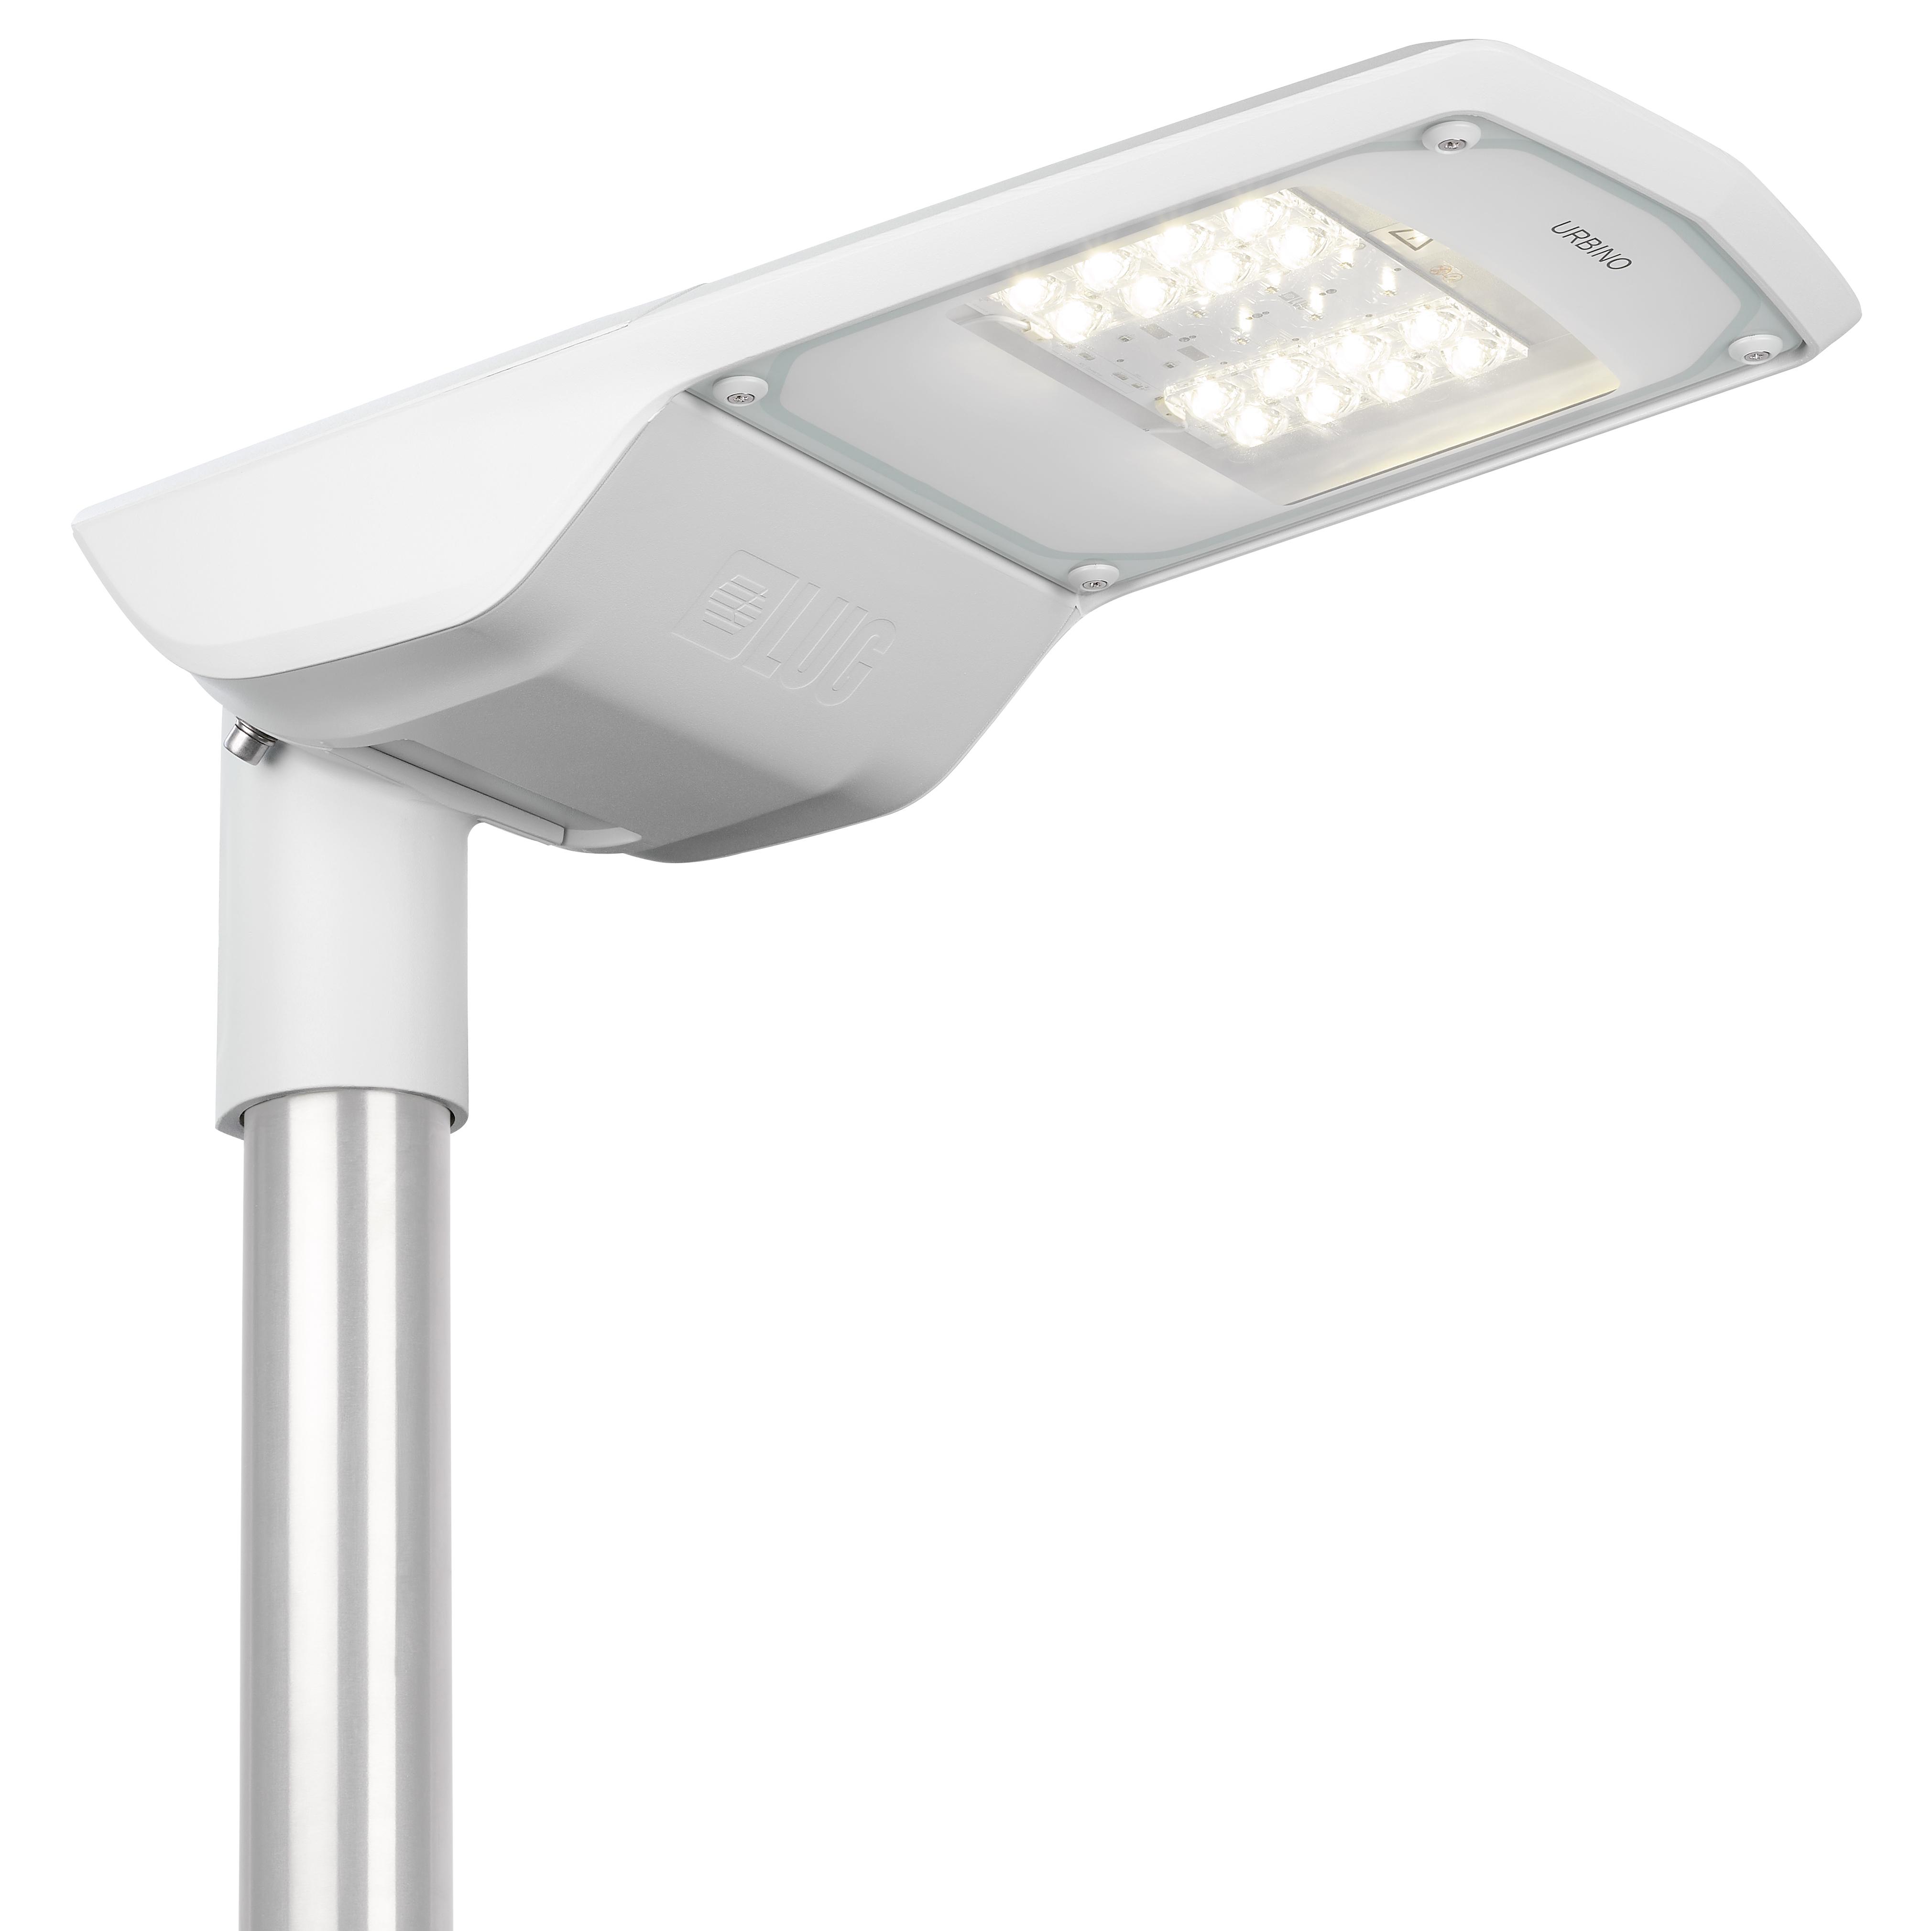 1 Stk RUBINO LED 28W 3150lm/740 EVG IP66 O7 grau class II LIGL012061